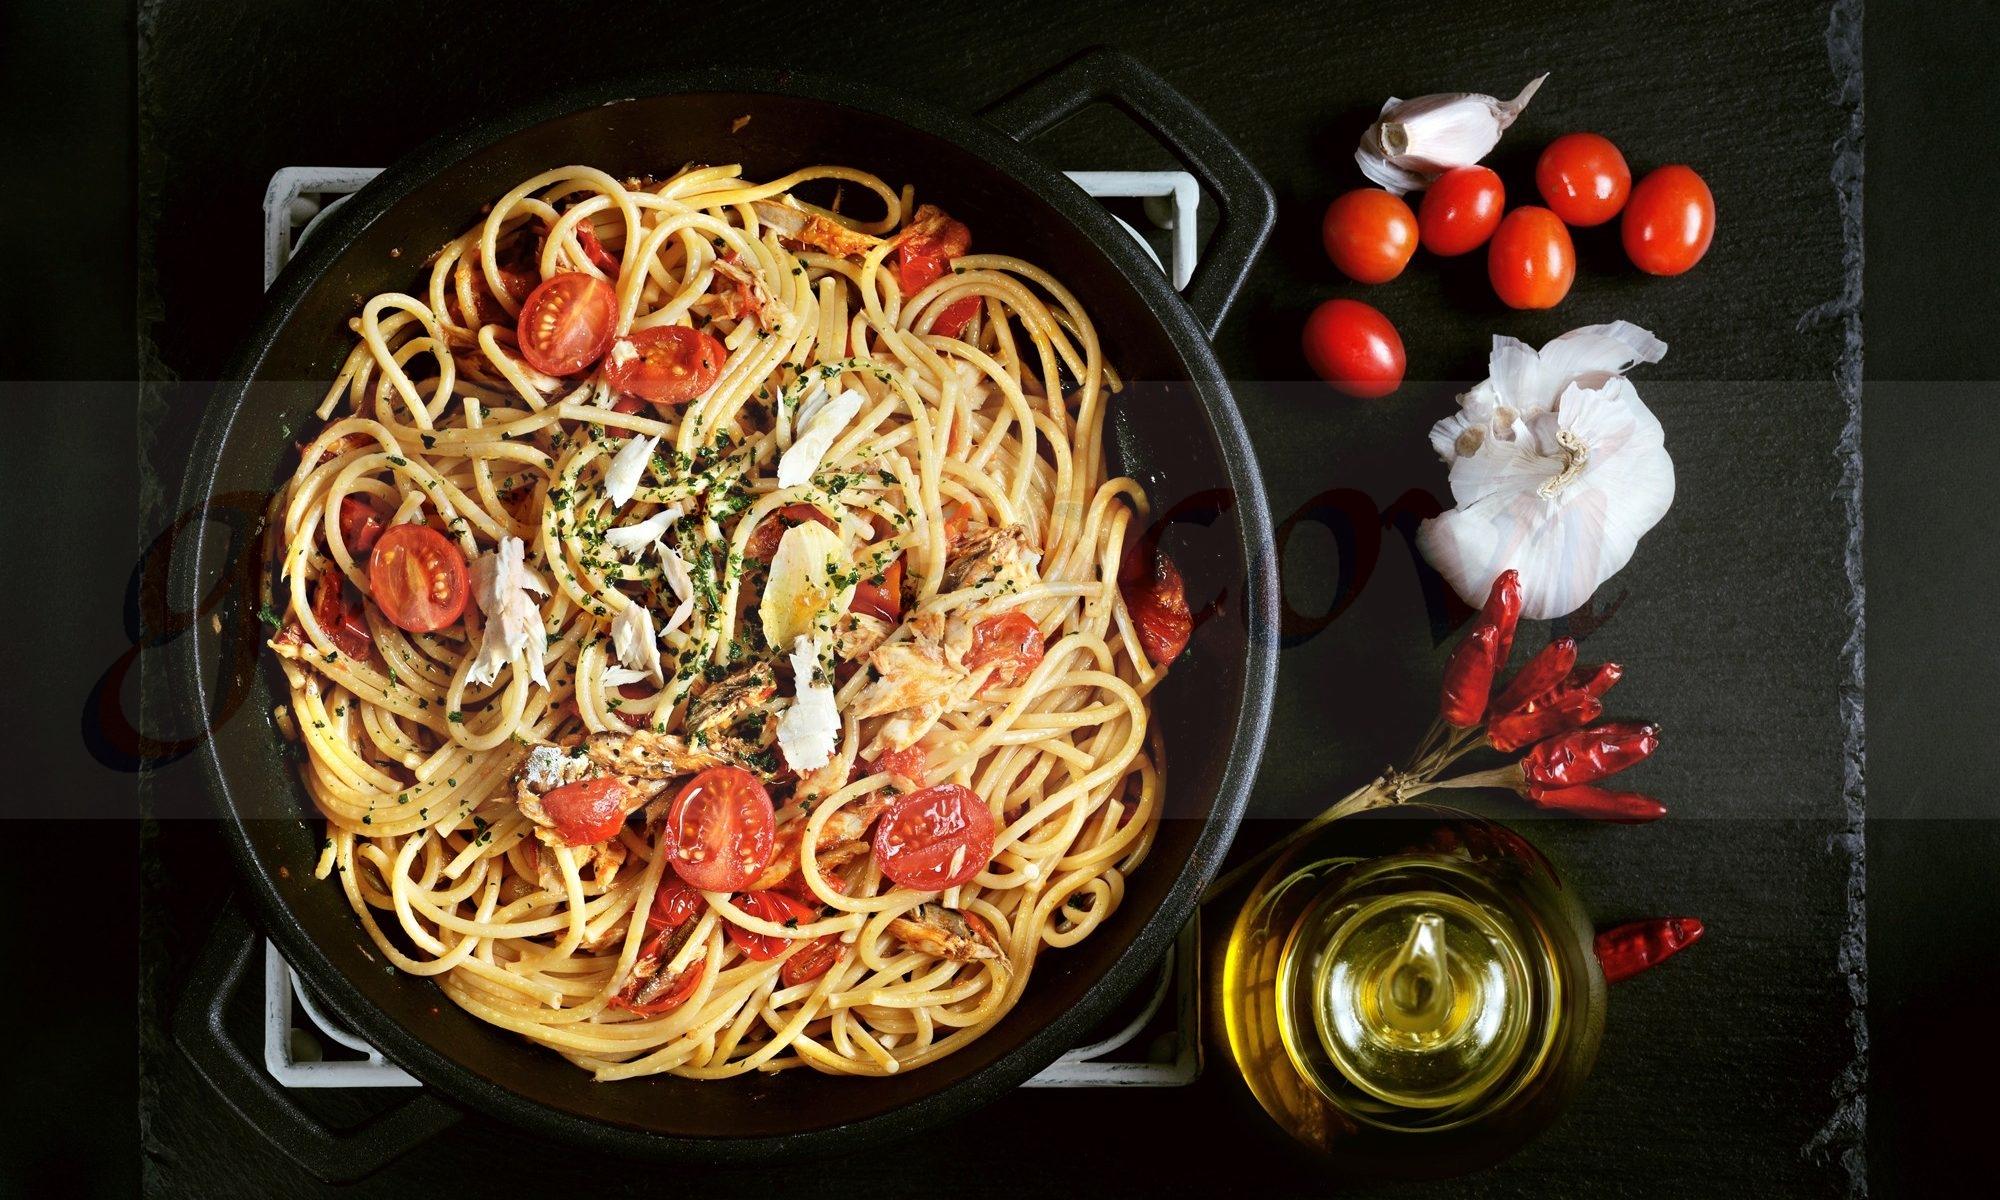 Milano foto food cibo antonio lo torto gina vescovi